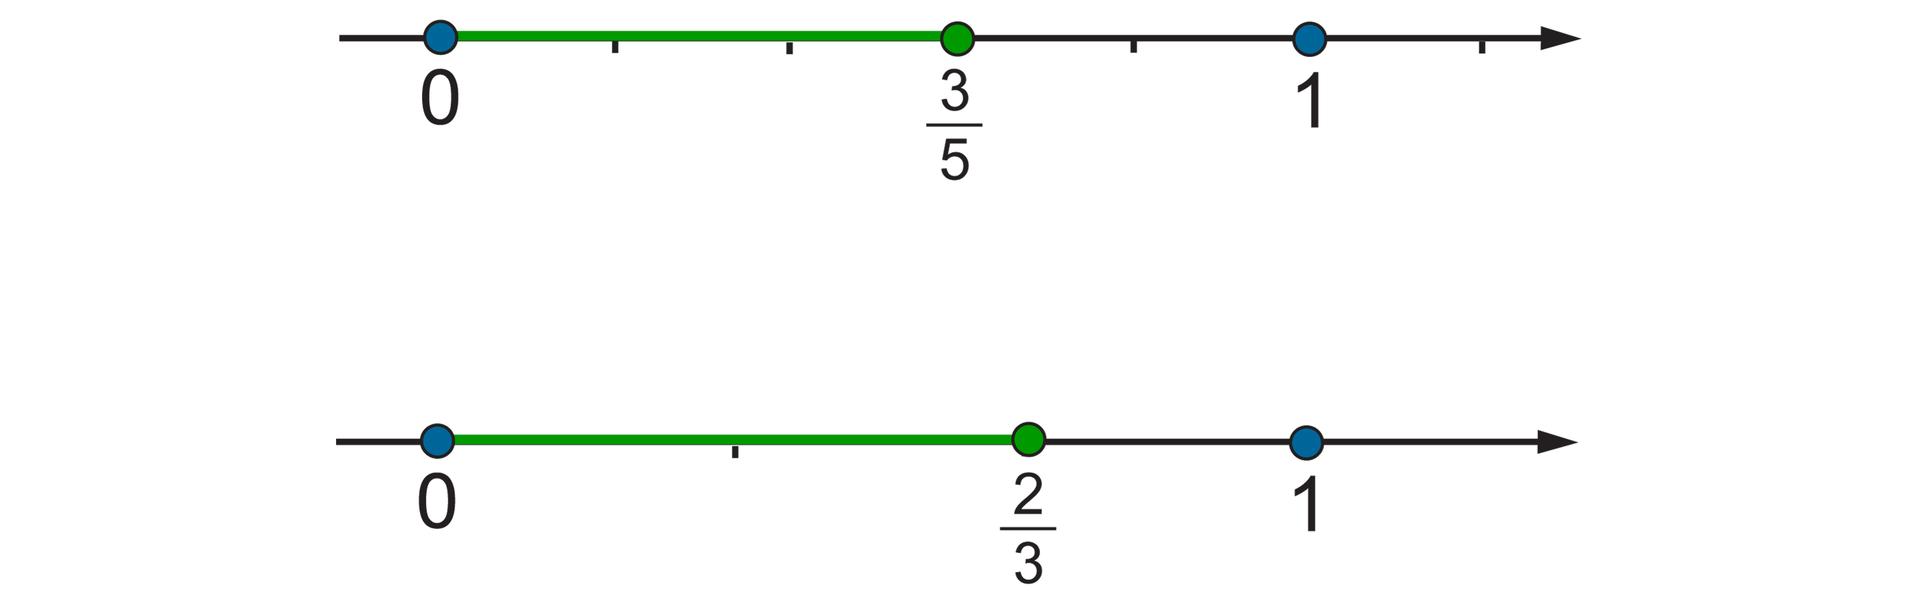 Rysunek dwóch osi liczbowych zzaznaczonymi punktami 0 i1. Na pierwszej osi odcinek jednostkowy podzielony na 5 równych części. Zaznaczony punkt trzy piąte. Na drugiej osi odcinek jednostkowy podzielony na 3 równe części. Zaznaczony punkt dwie trzecie.